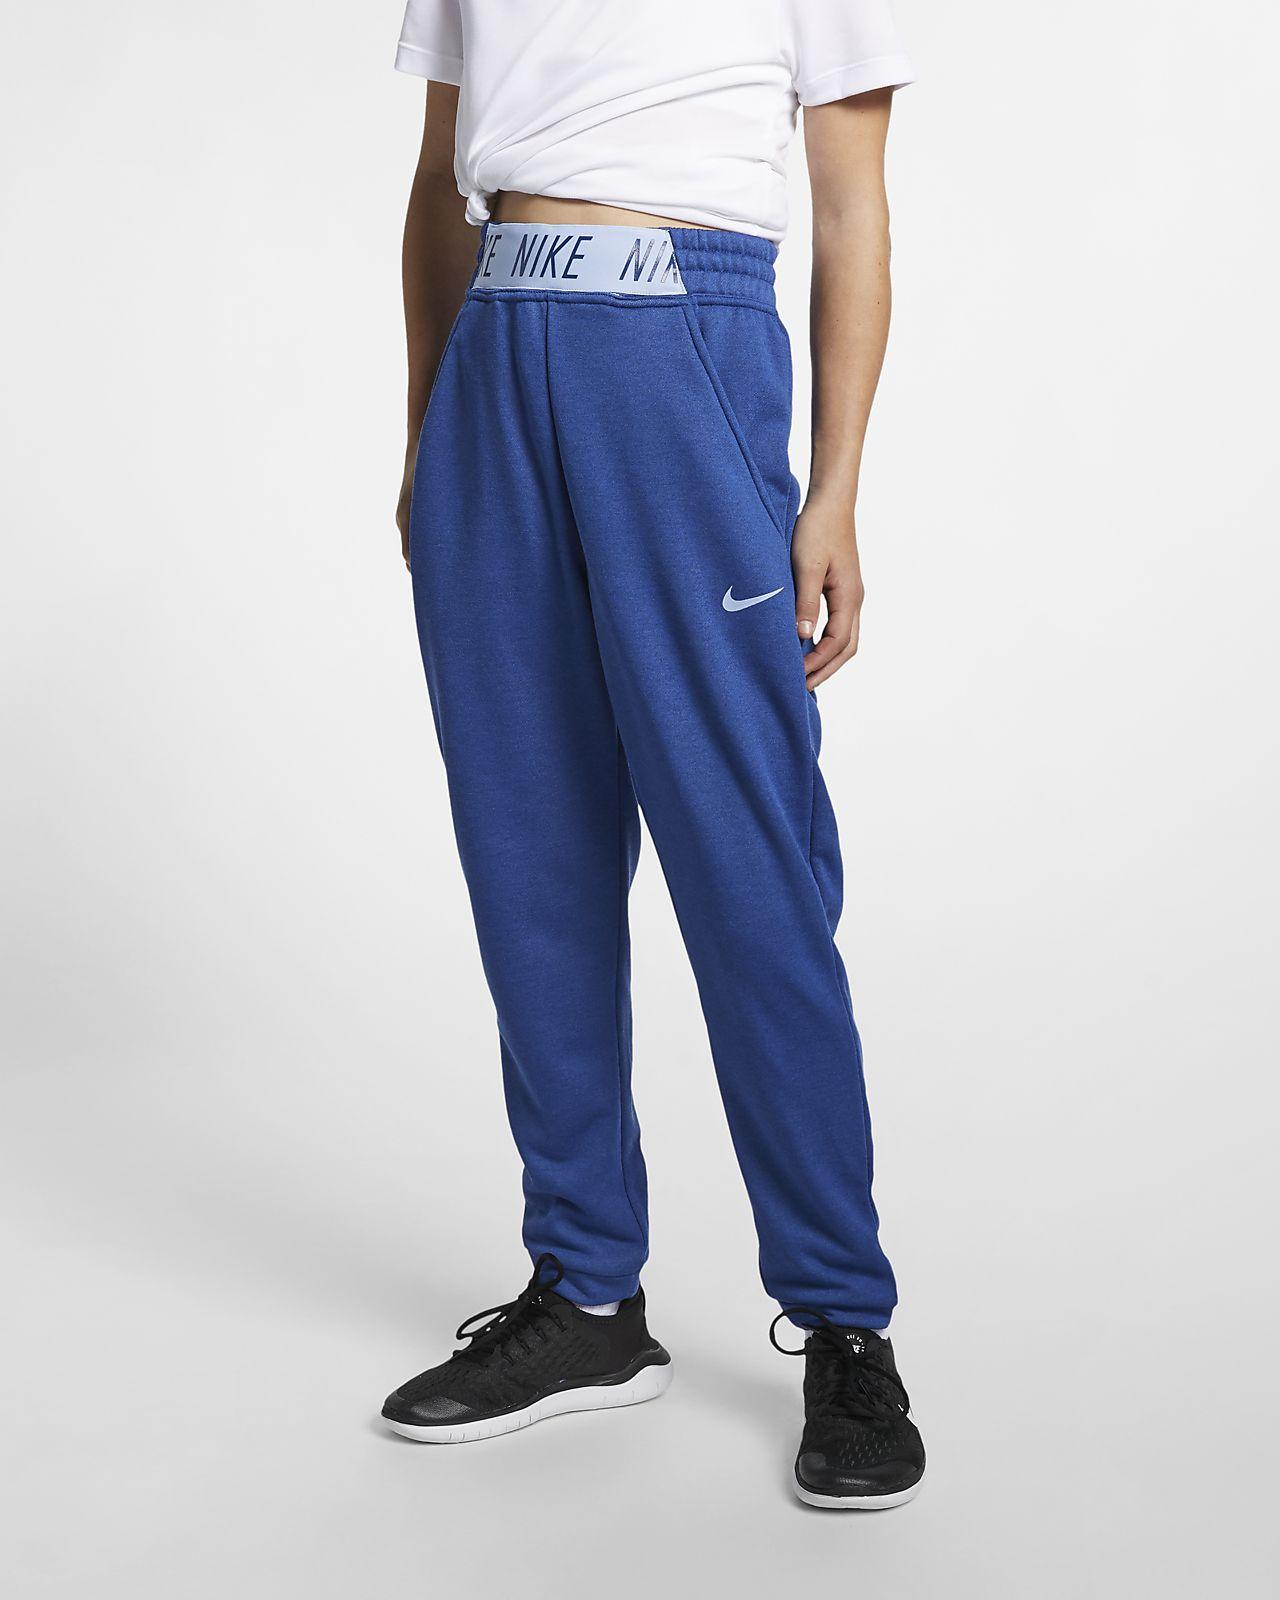 the best attitude 7d2a6 5225d ... Träningsbyxor Nike för ungdom (tjejer)